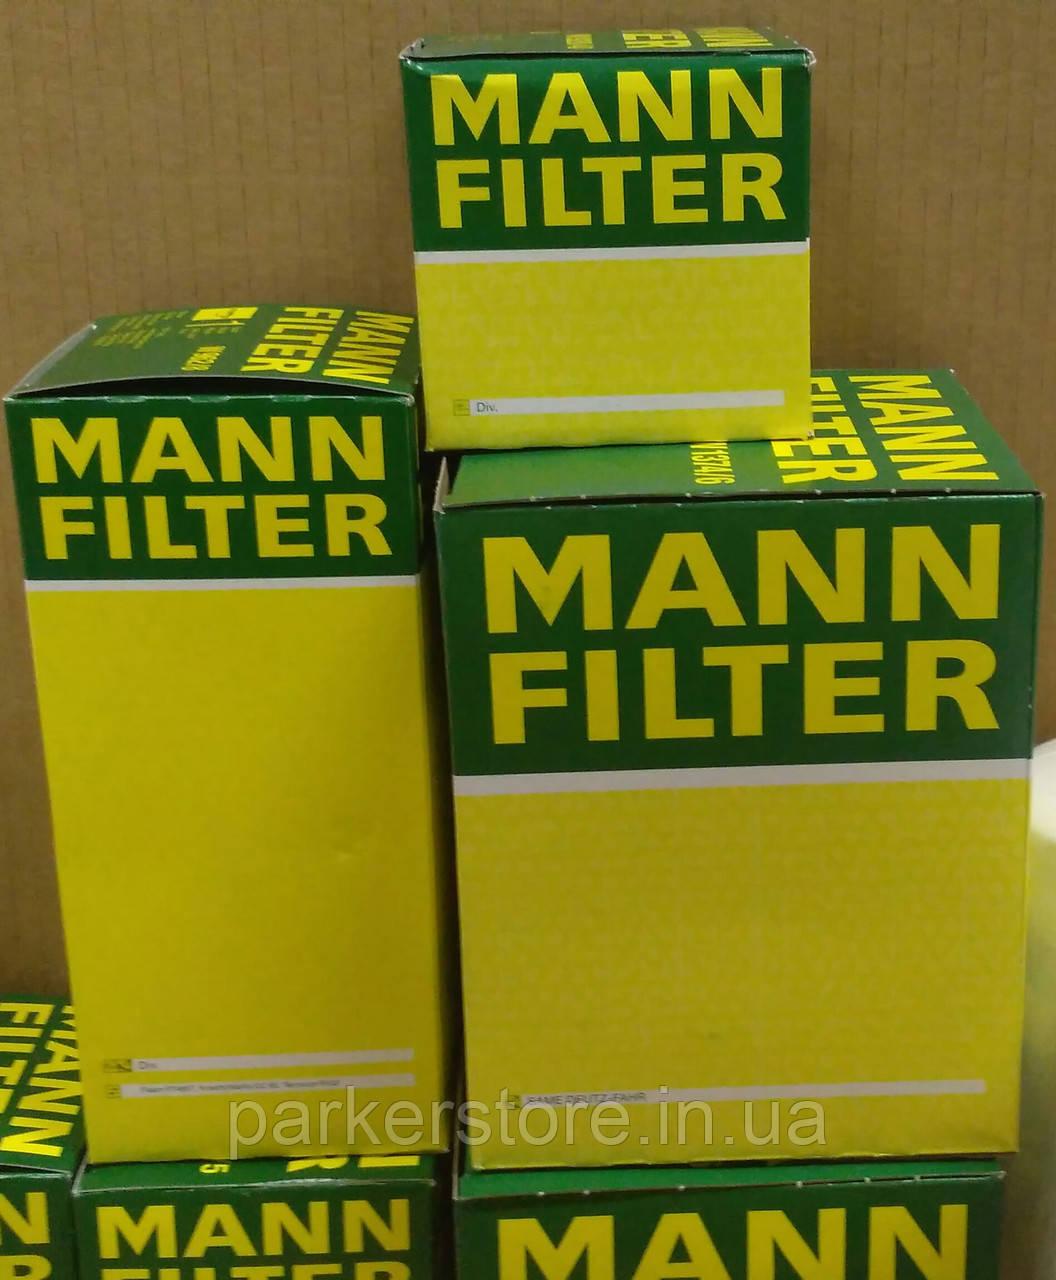 MANN FILTER / Воздушный фильтр / C 2649 / C2649